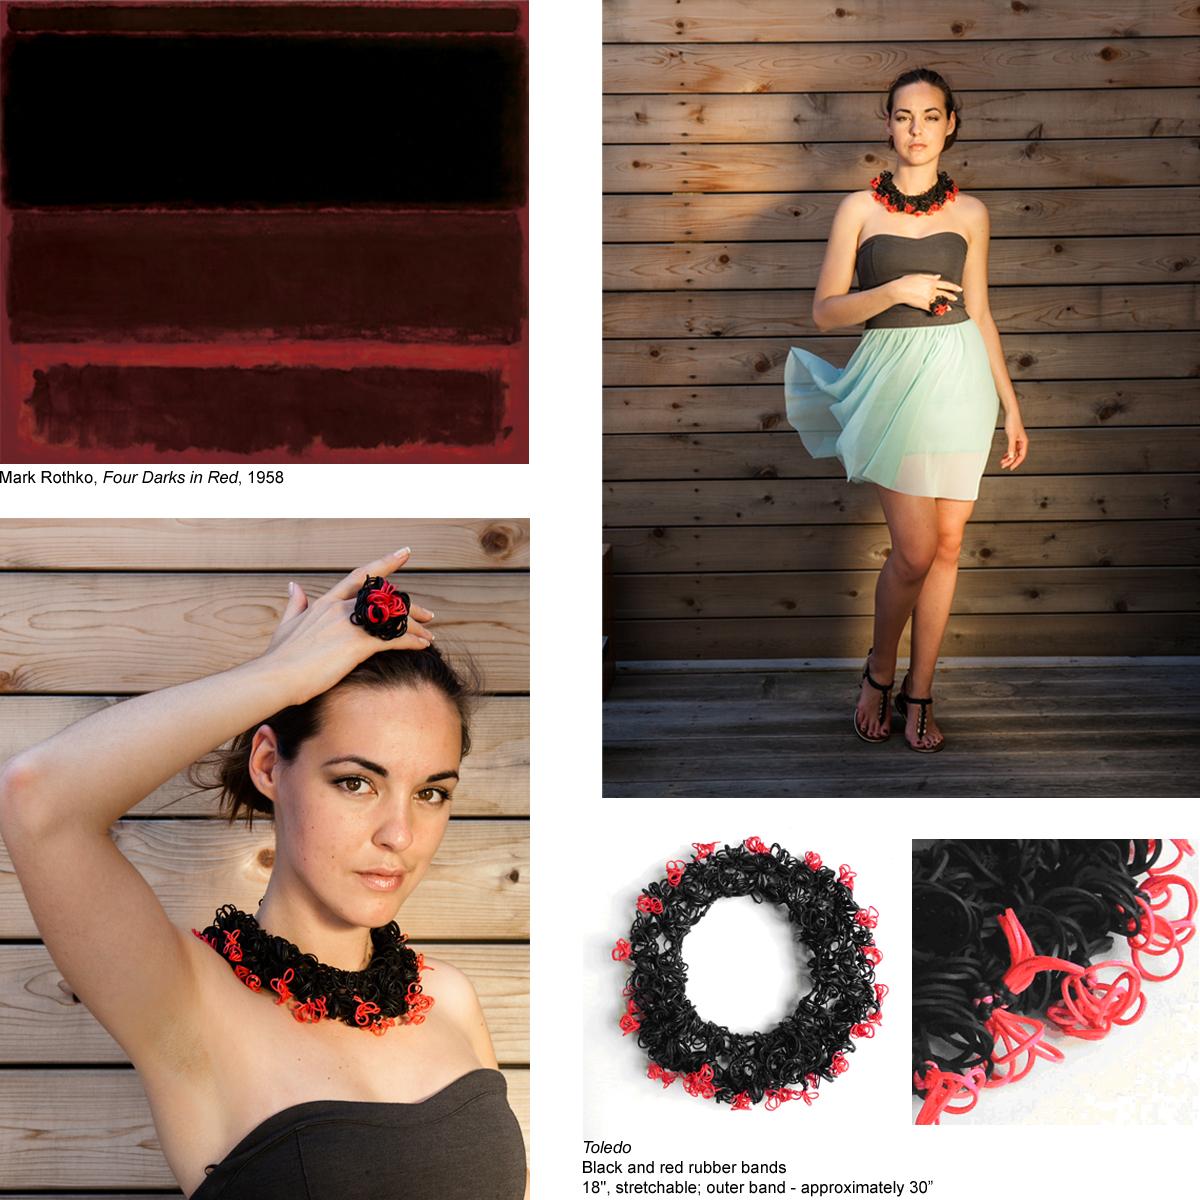 Rothko_Four Darks in Red_M2 copy.jpg